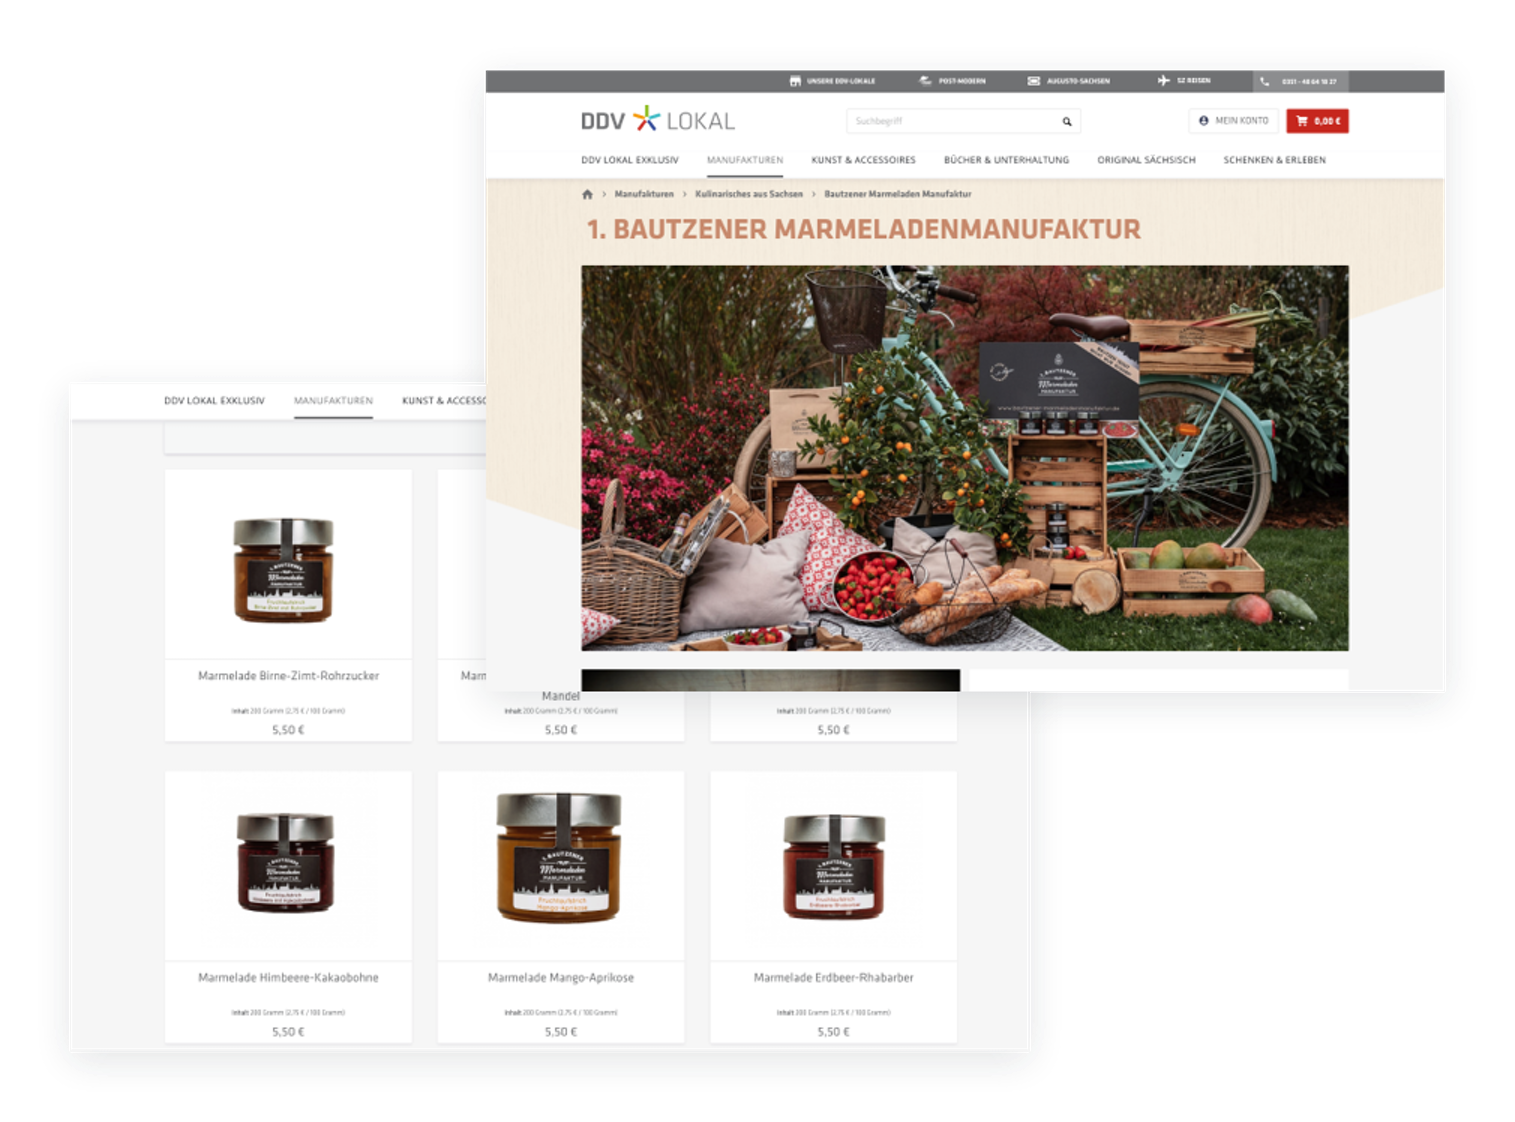 Produktseite DDV Lokal